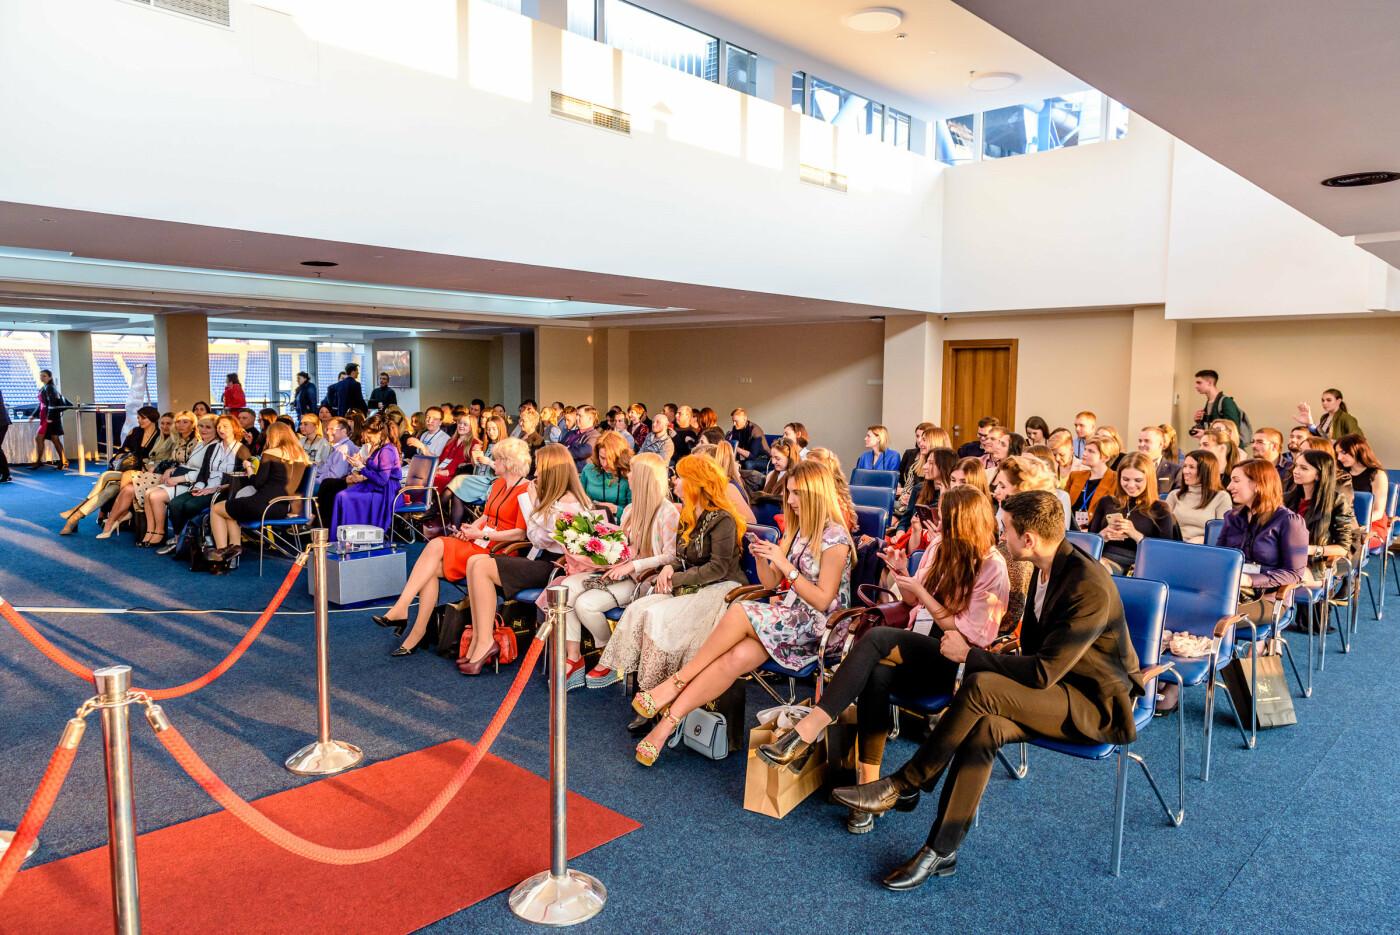 10 июня на стадионе «Металлист» состоится 24-я бизнес-встреча New Communication, фото-6